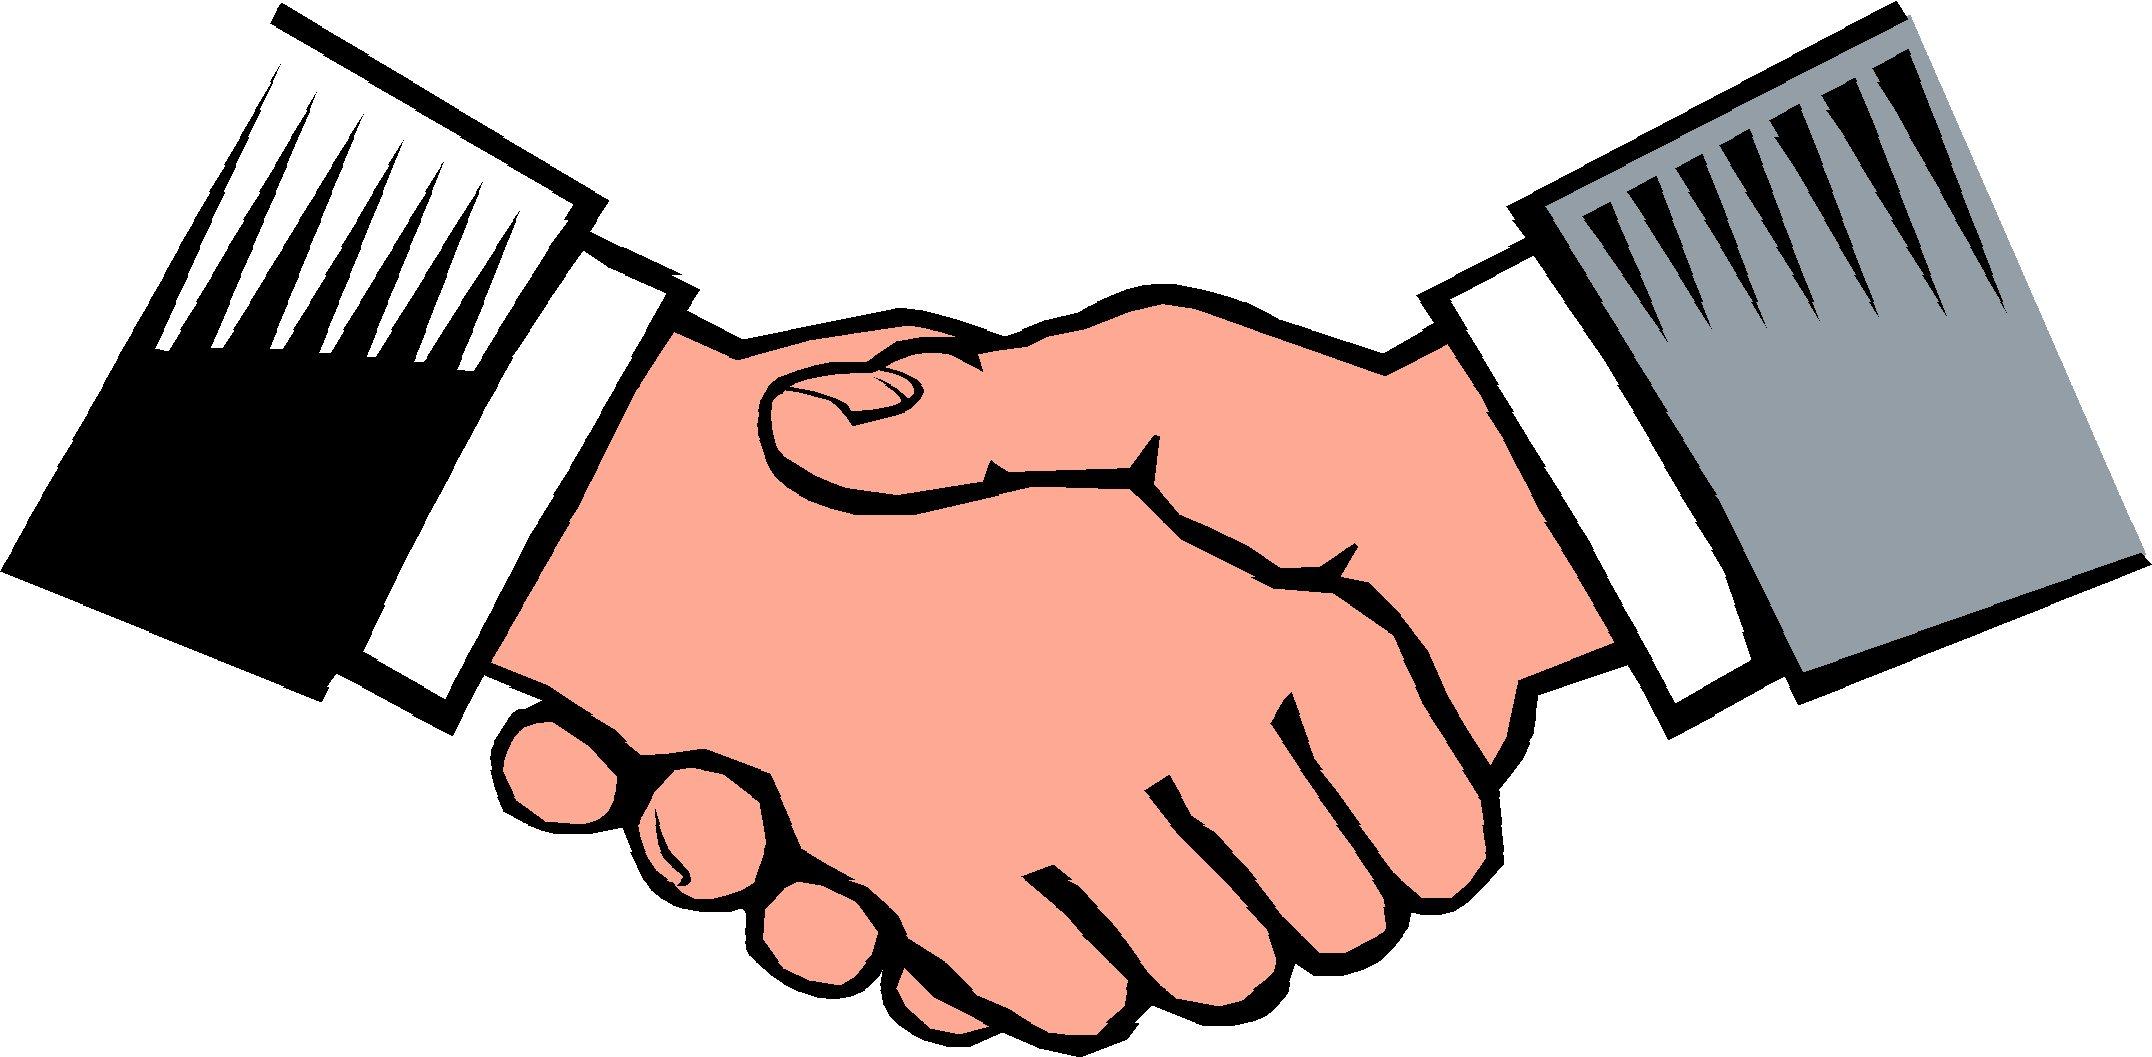 2152x1057 Shake Hand Clipart